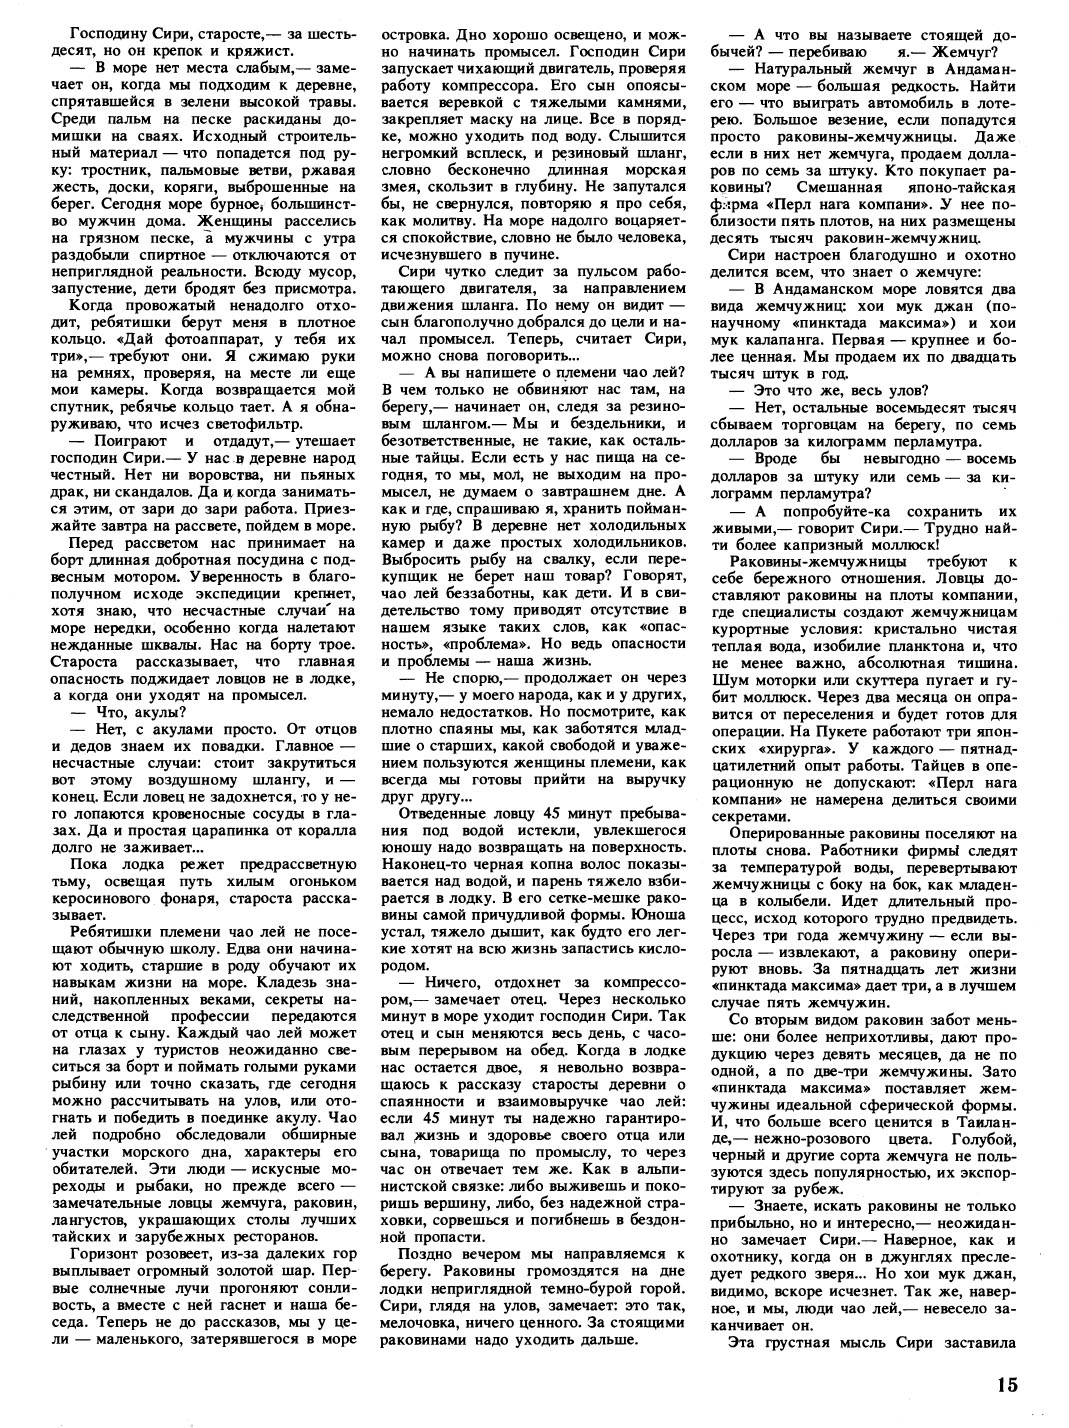 VS_1988-05_02.jpg